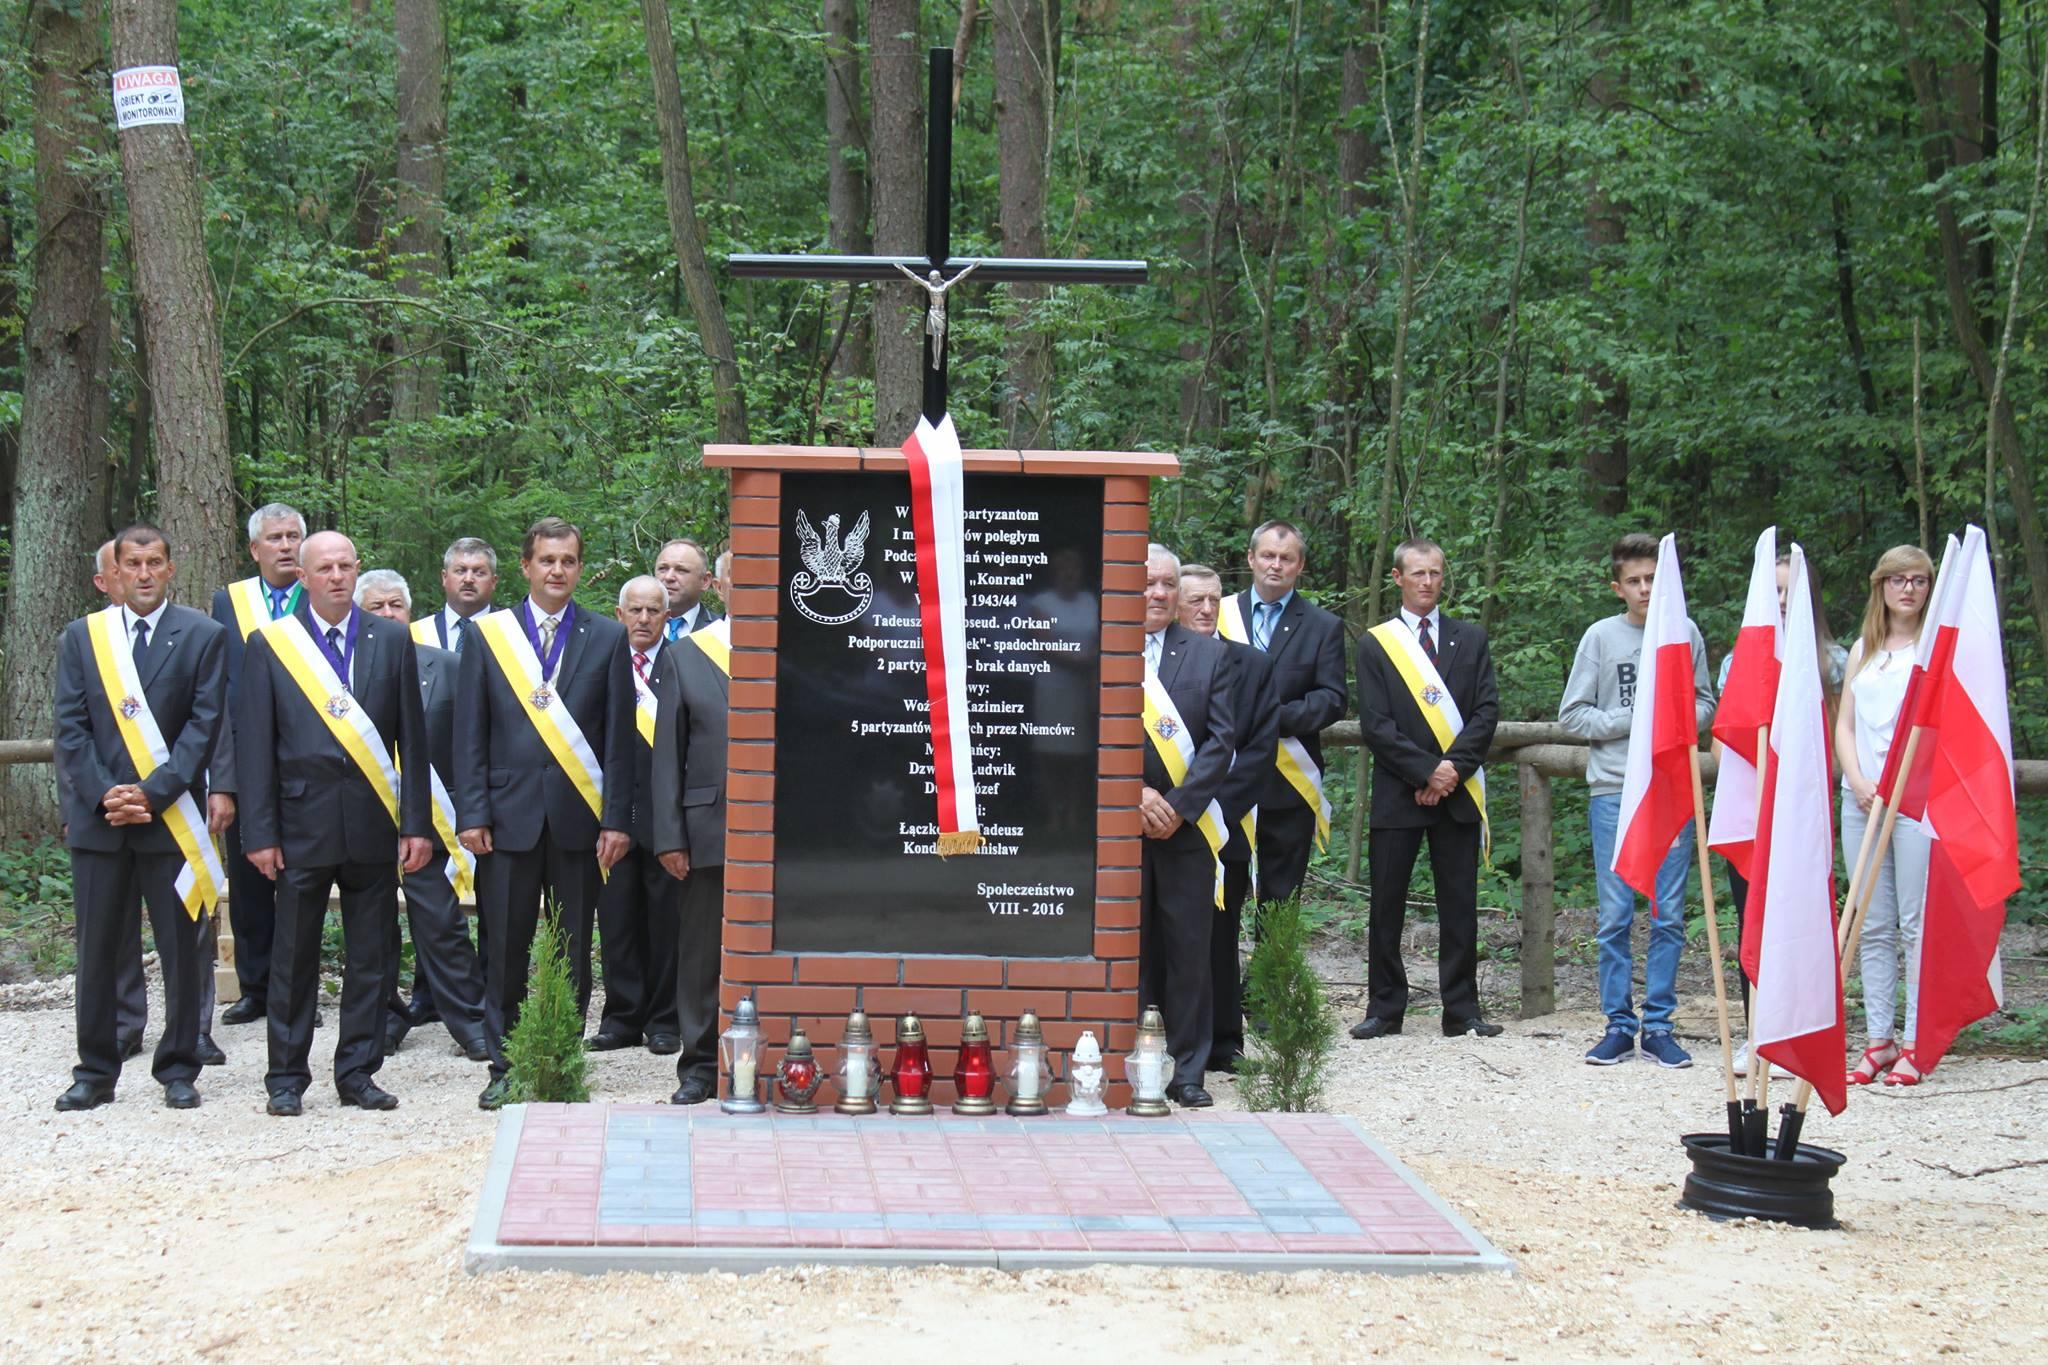 Odsłonięto pomnik ku czci  Armii Ludowej i Służby Bezpieczeństwa w Fanisławicach